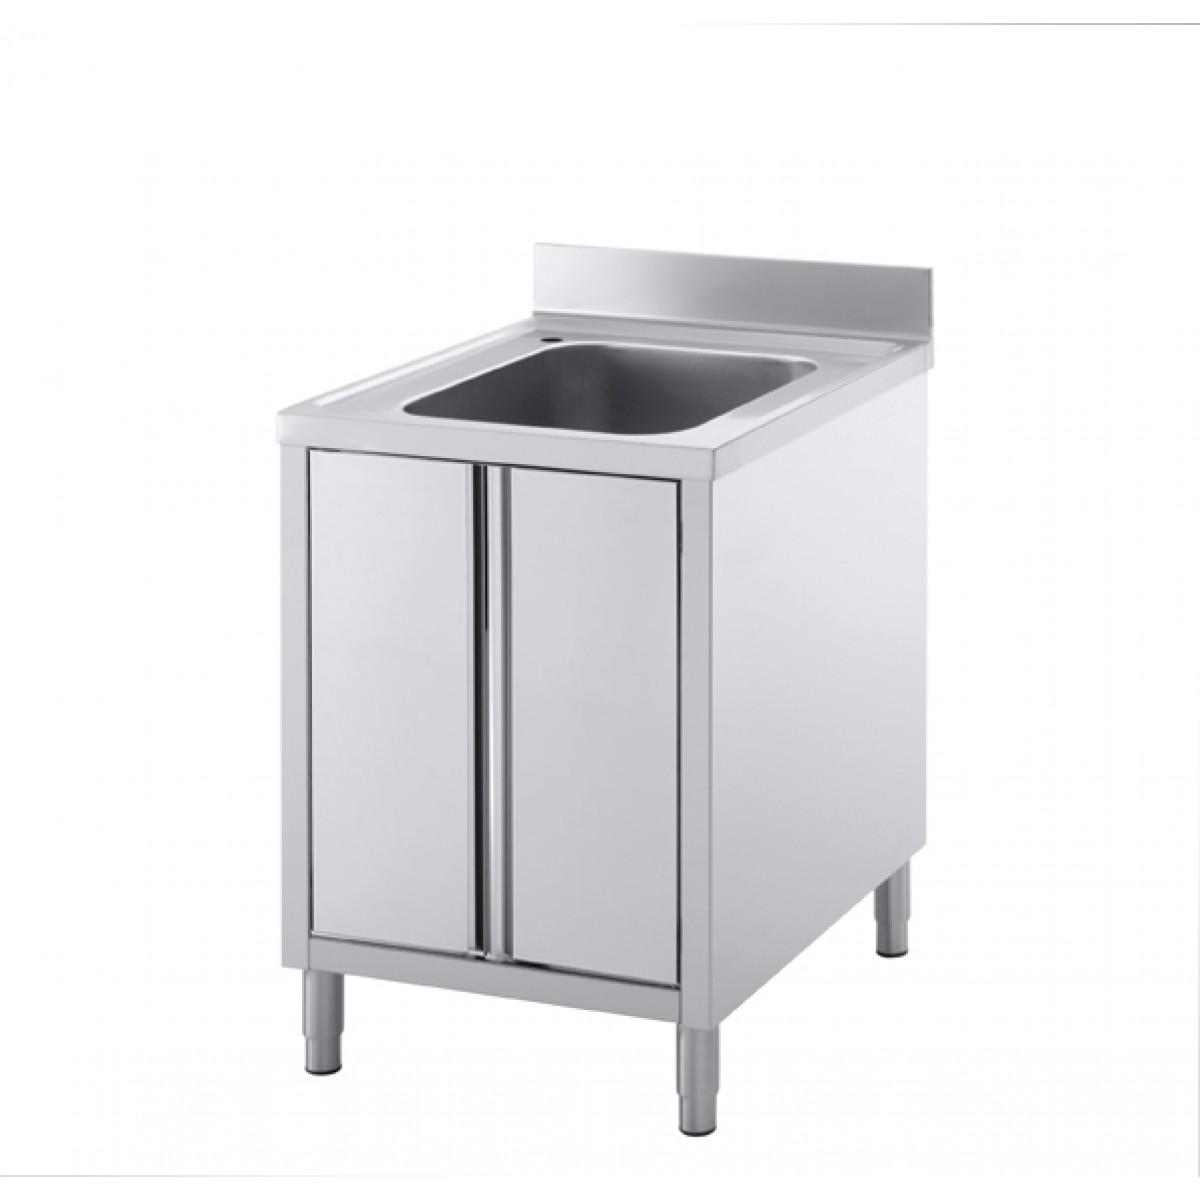 Vaskeskab700x600x850mm-35